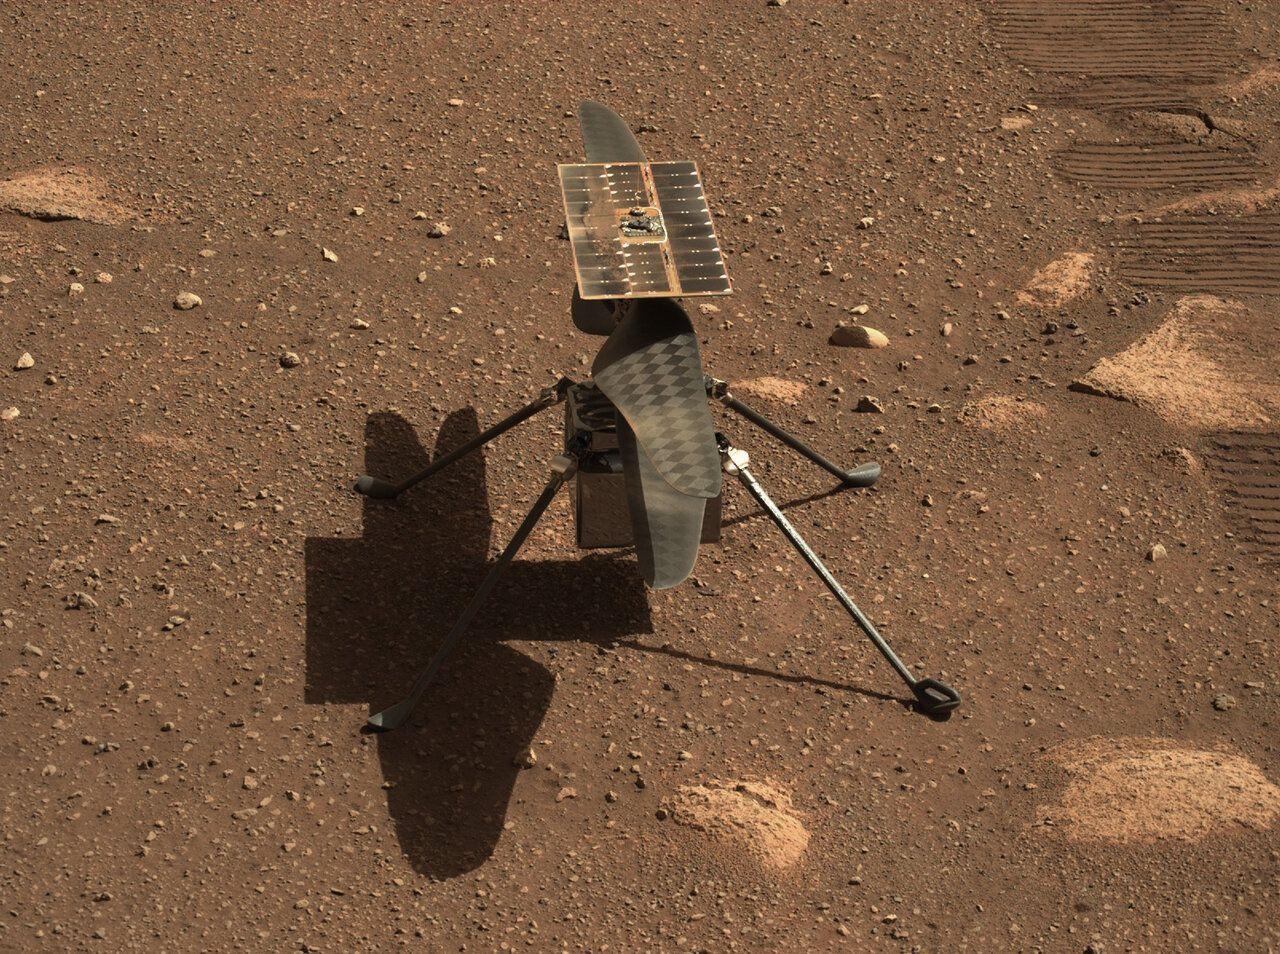 Вертолет NASA, Ingenuity, совершил на Марсе свой первый удачный полет